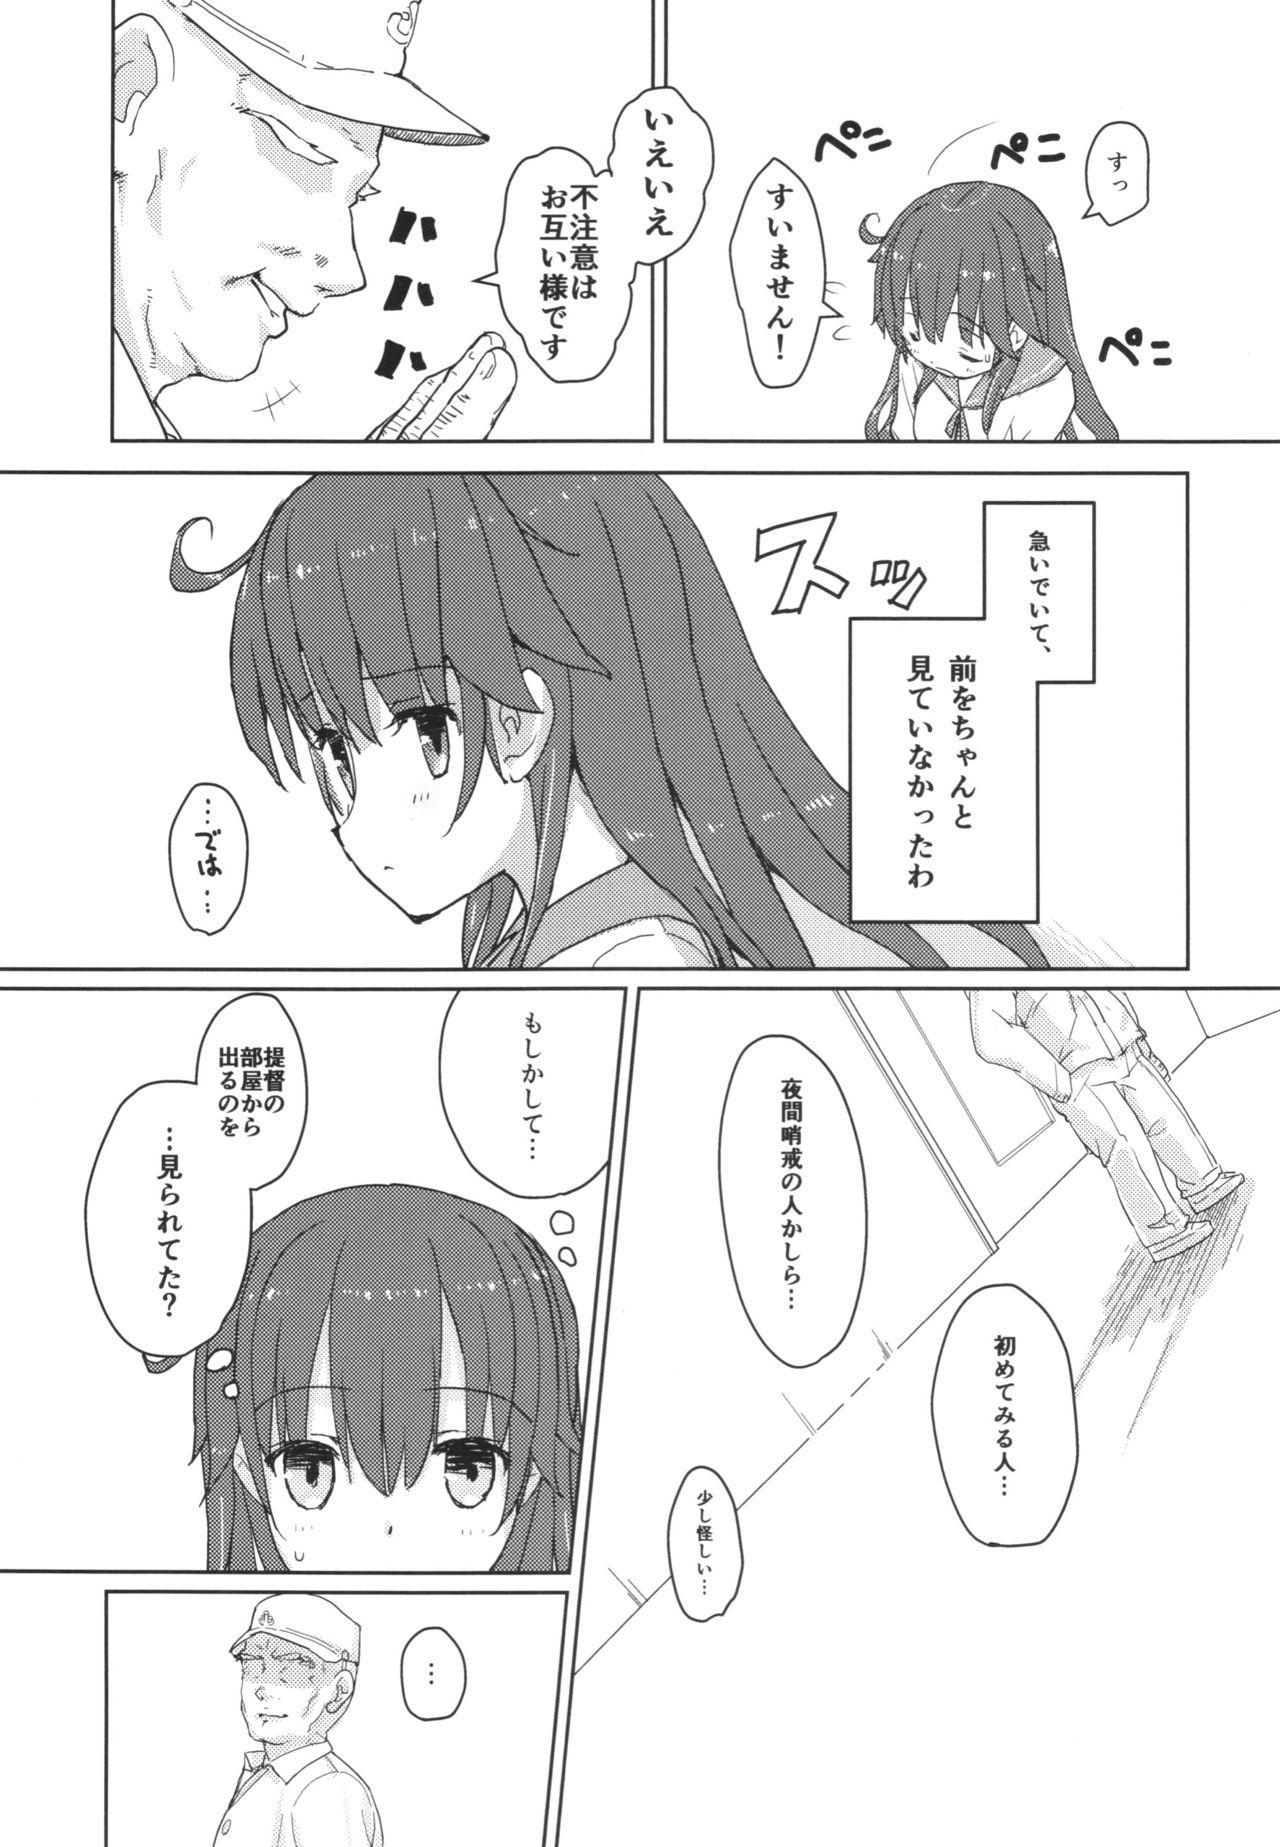 Ushio no Onsen Kuchikukan 4